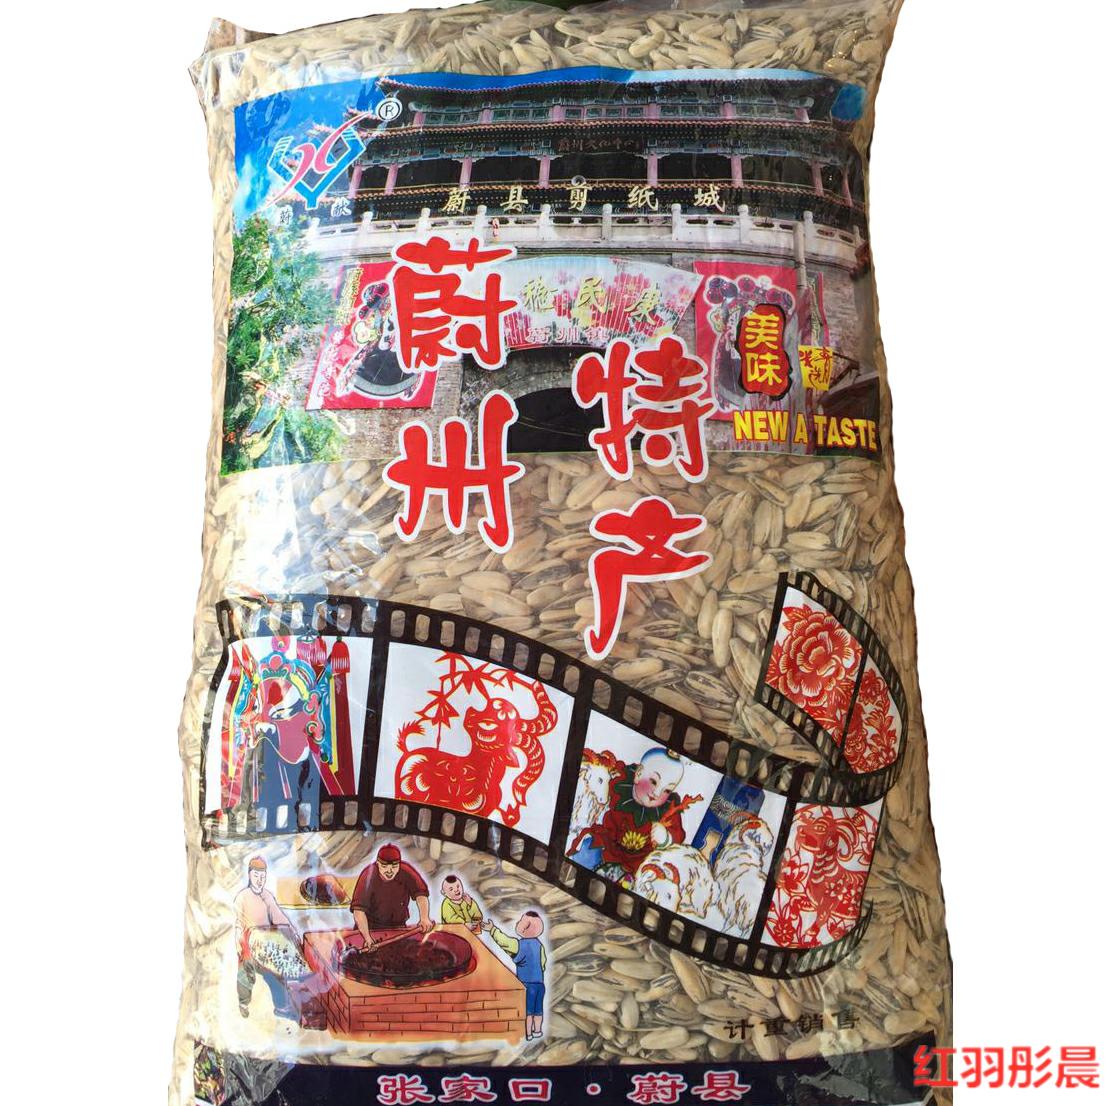 新货新瓜子】400克*5袋张家口蔚县特产五香水煮瓜籽休闲零食炒货